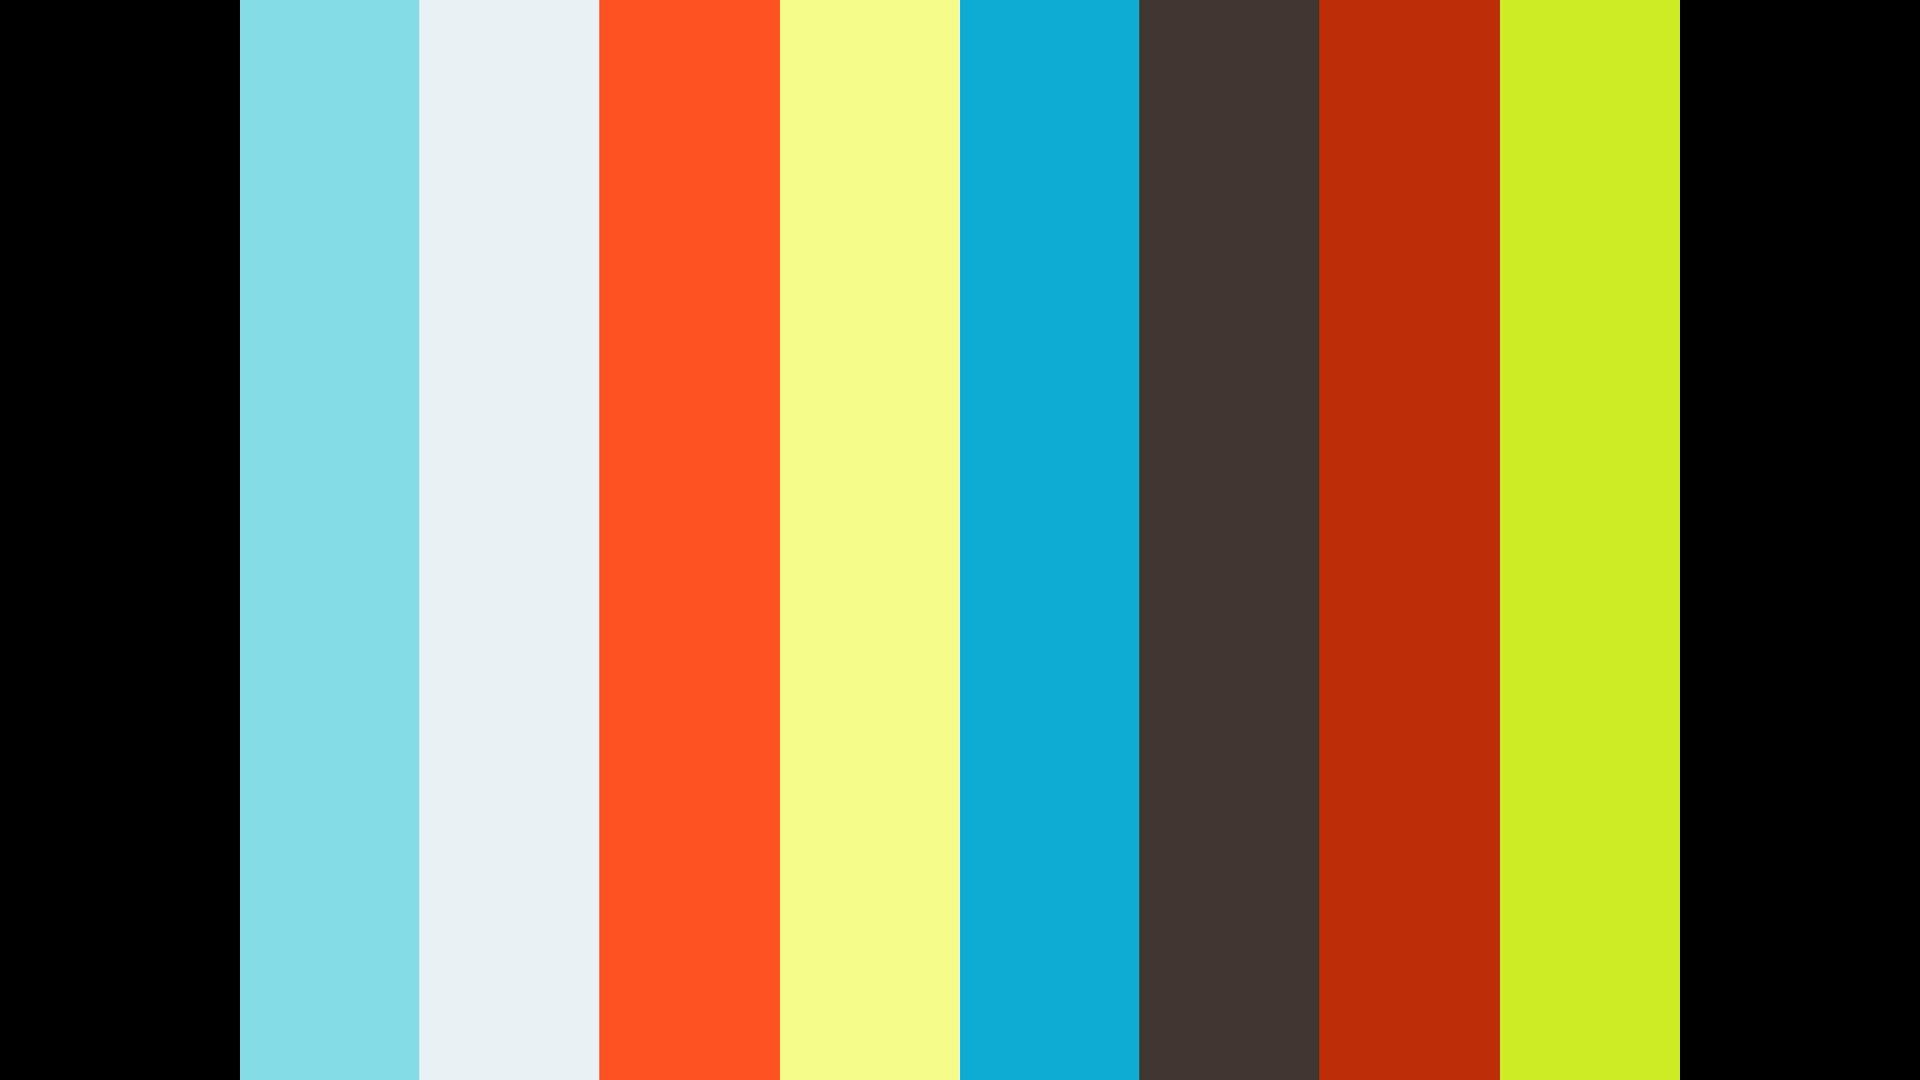 VB-FynboTV-2019-10-31-FM